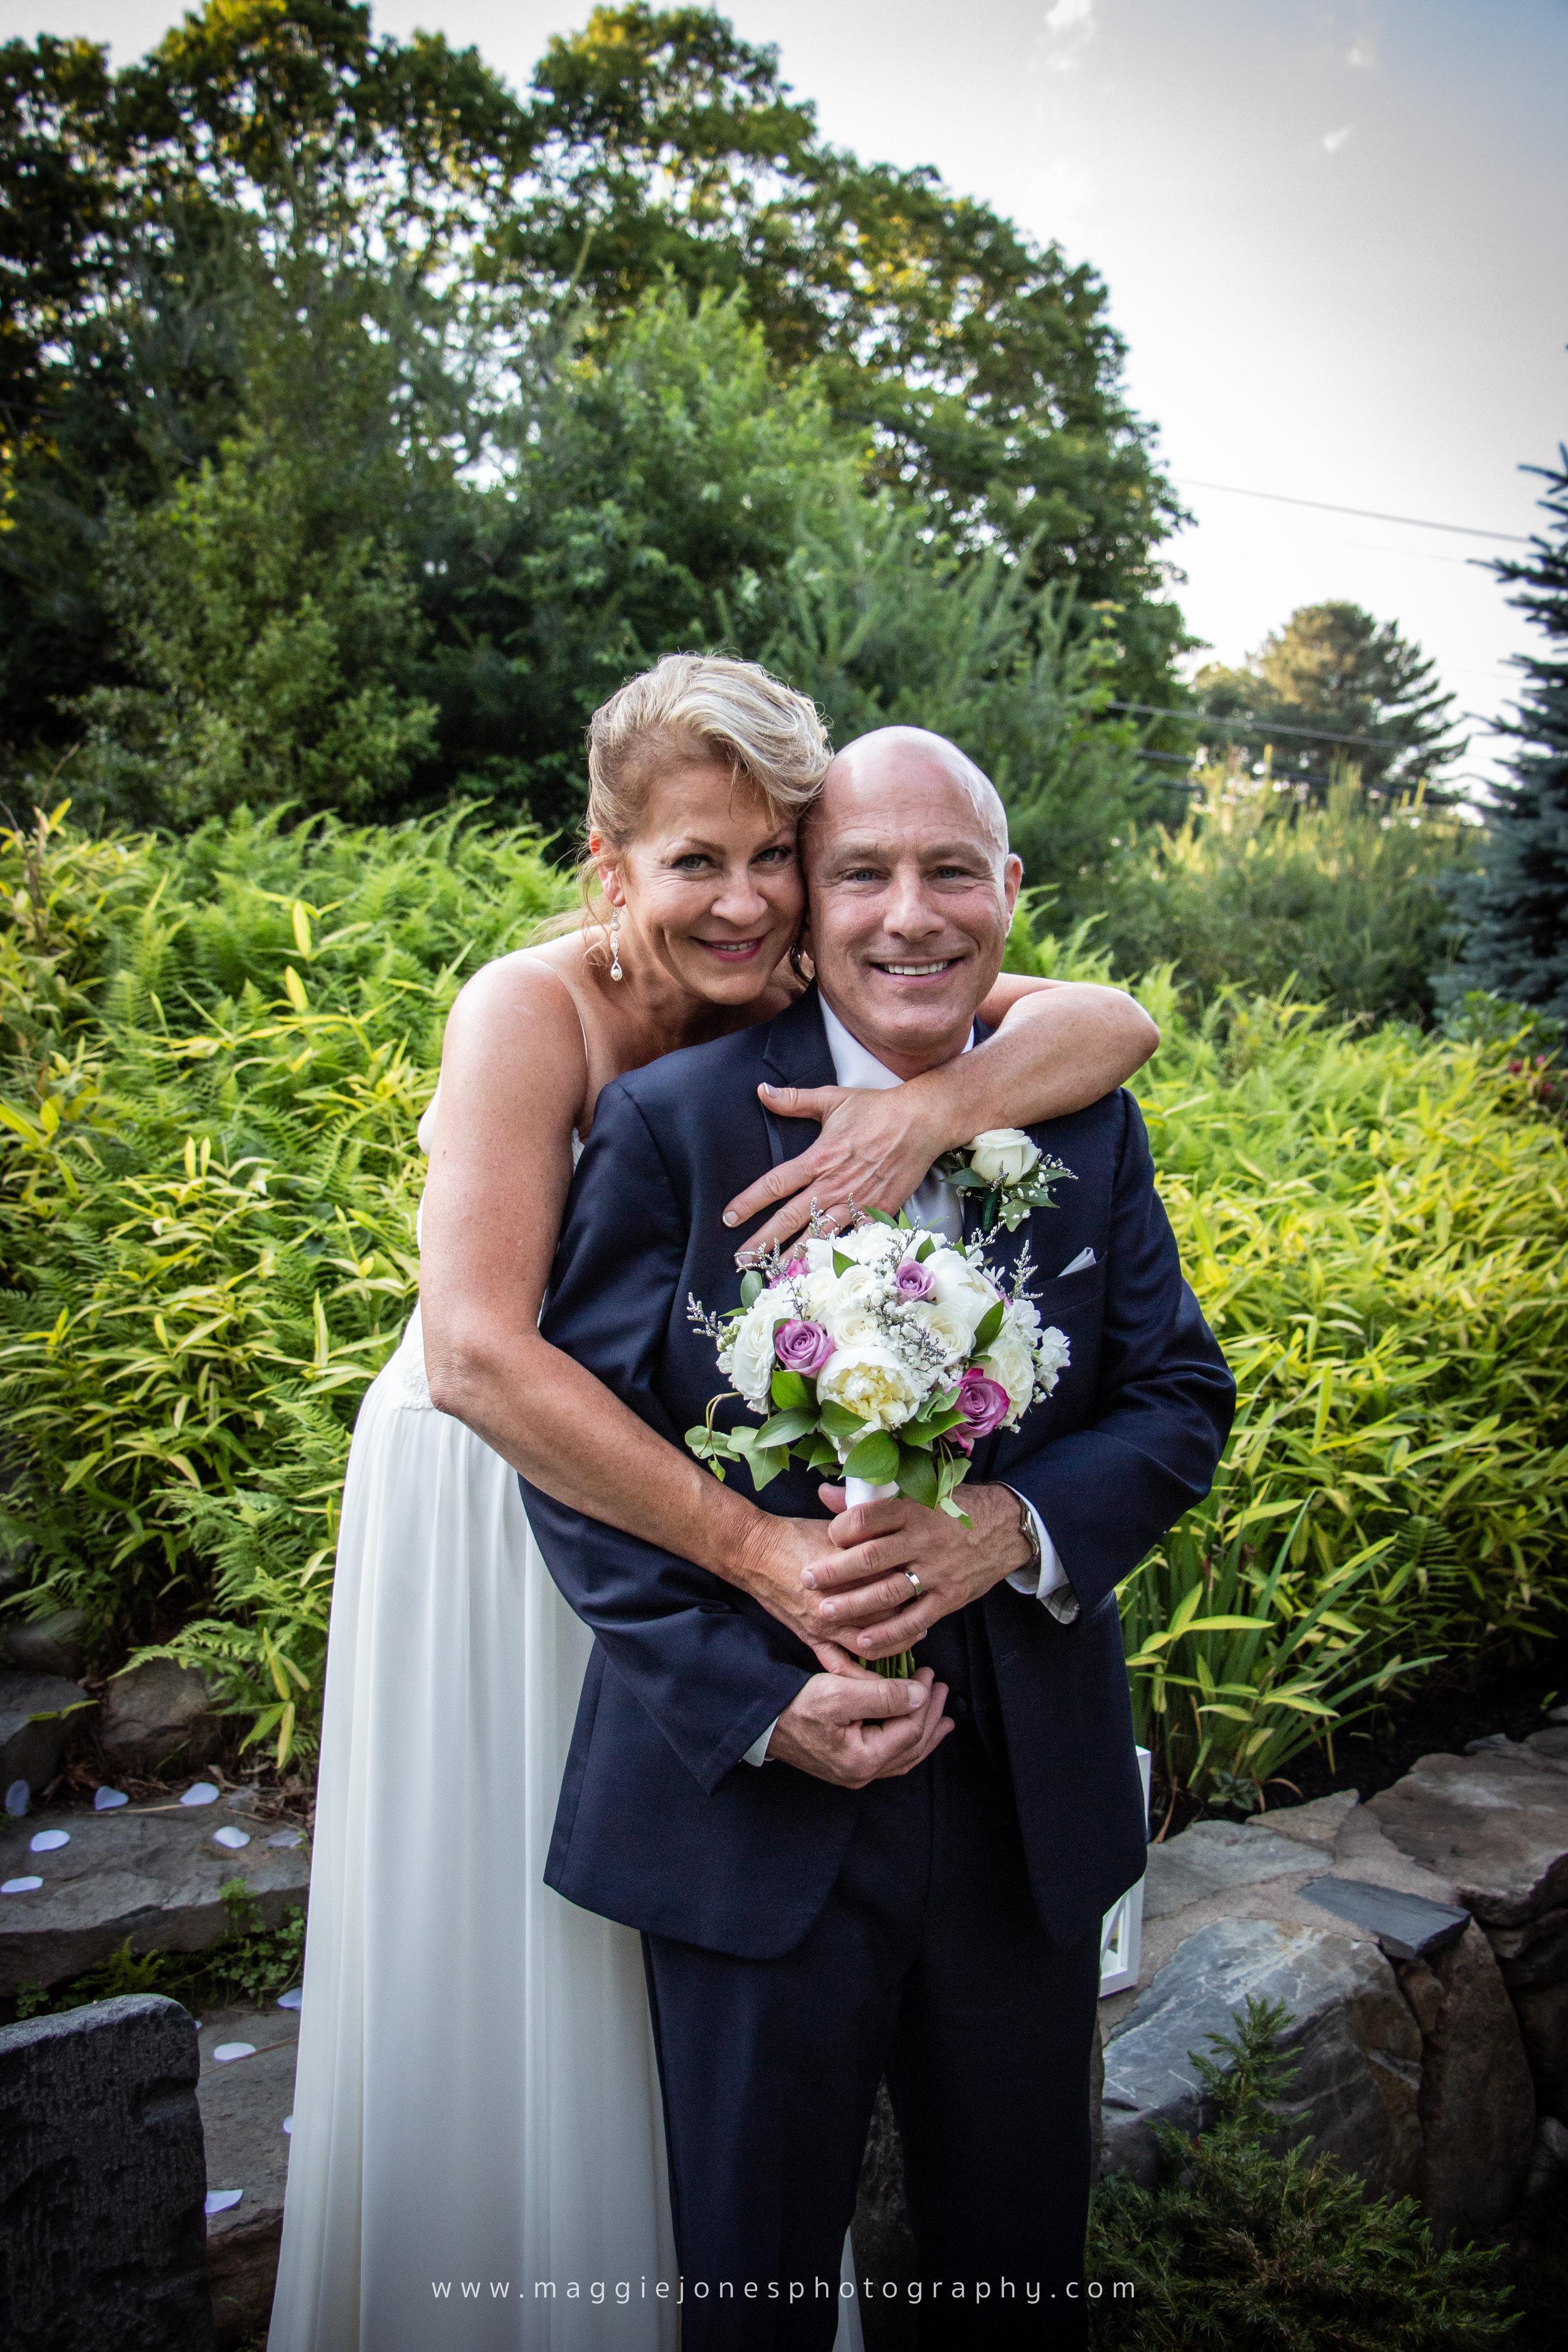 Susan+DanielWahleWedding_BLOG-1-22.jpg